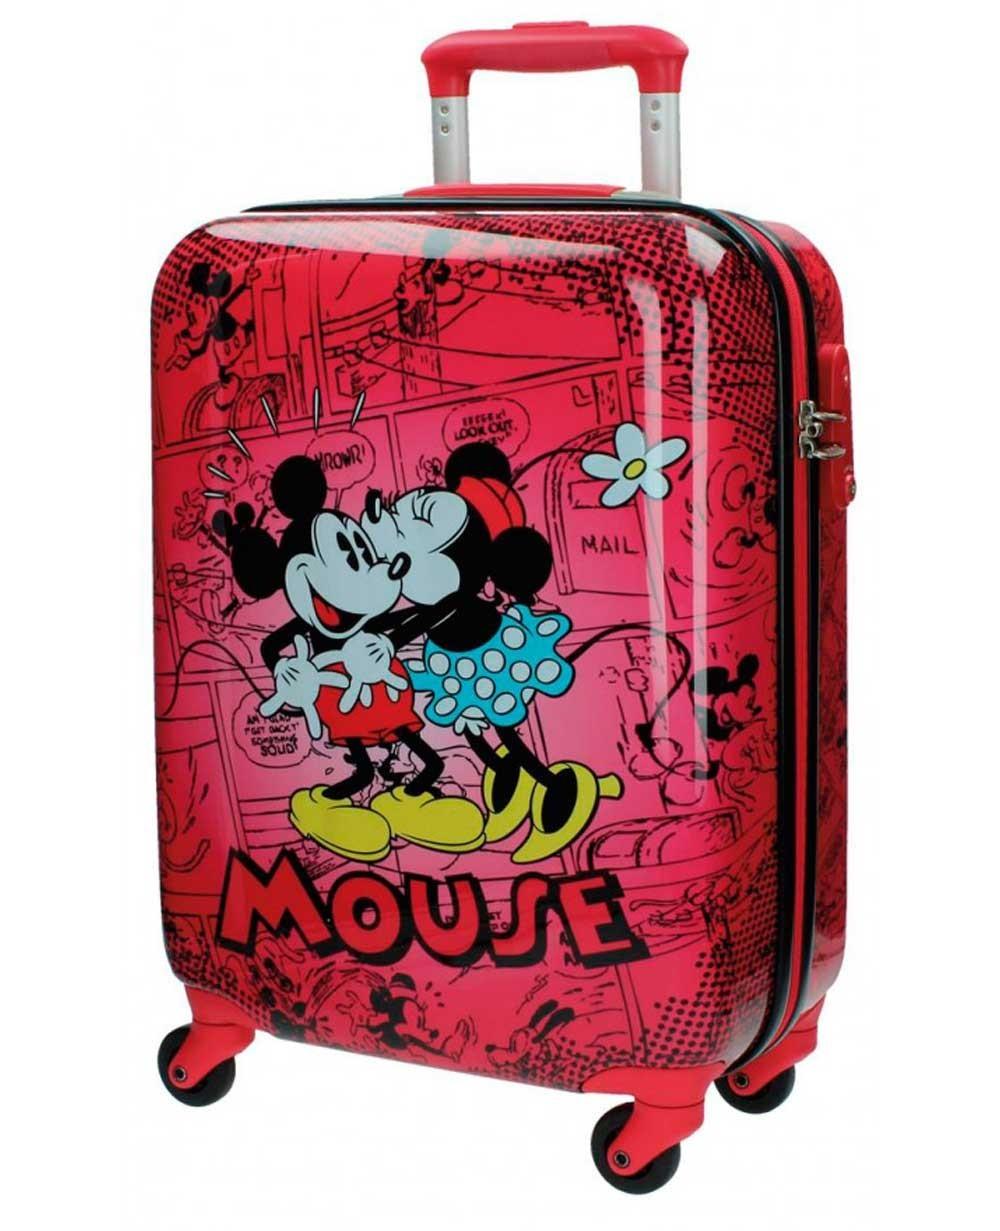 8c7554640d3 Maleta de mano Disney Mickey y Minnie Retro Roja - 55cm